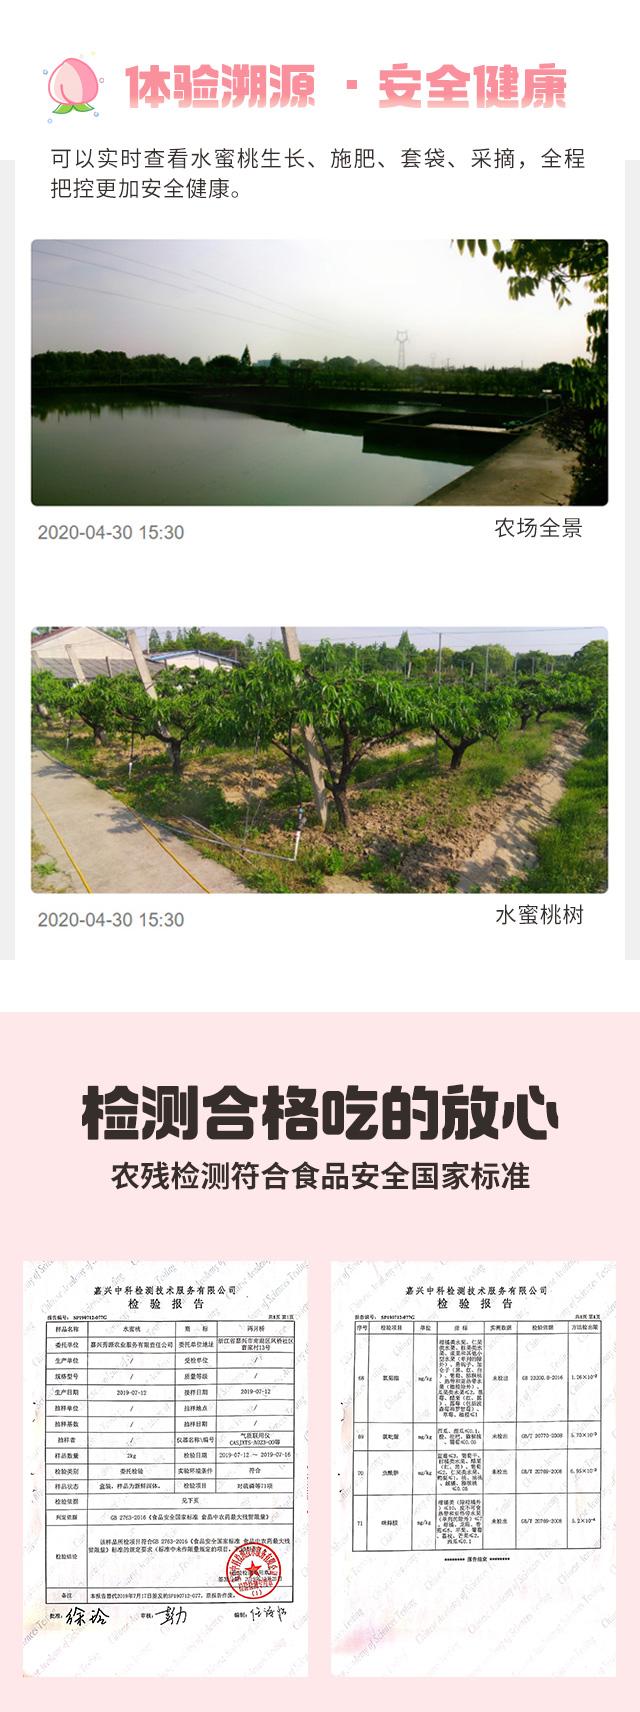 凤桥水蜜桃